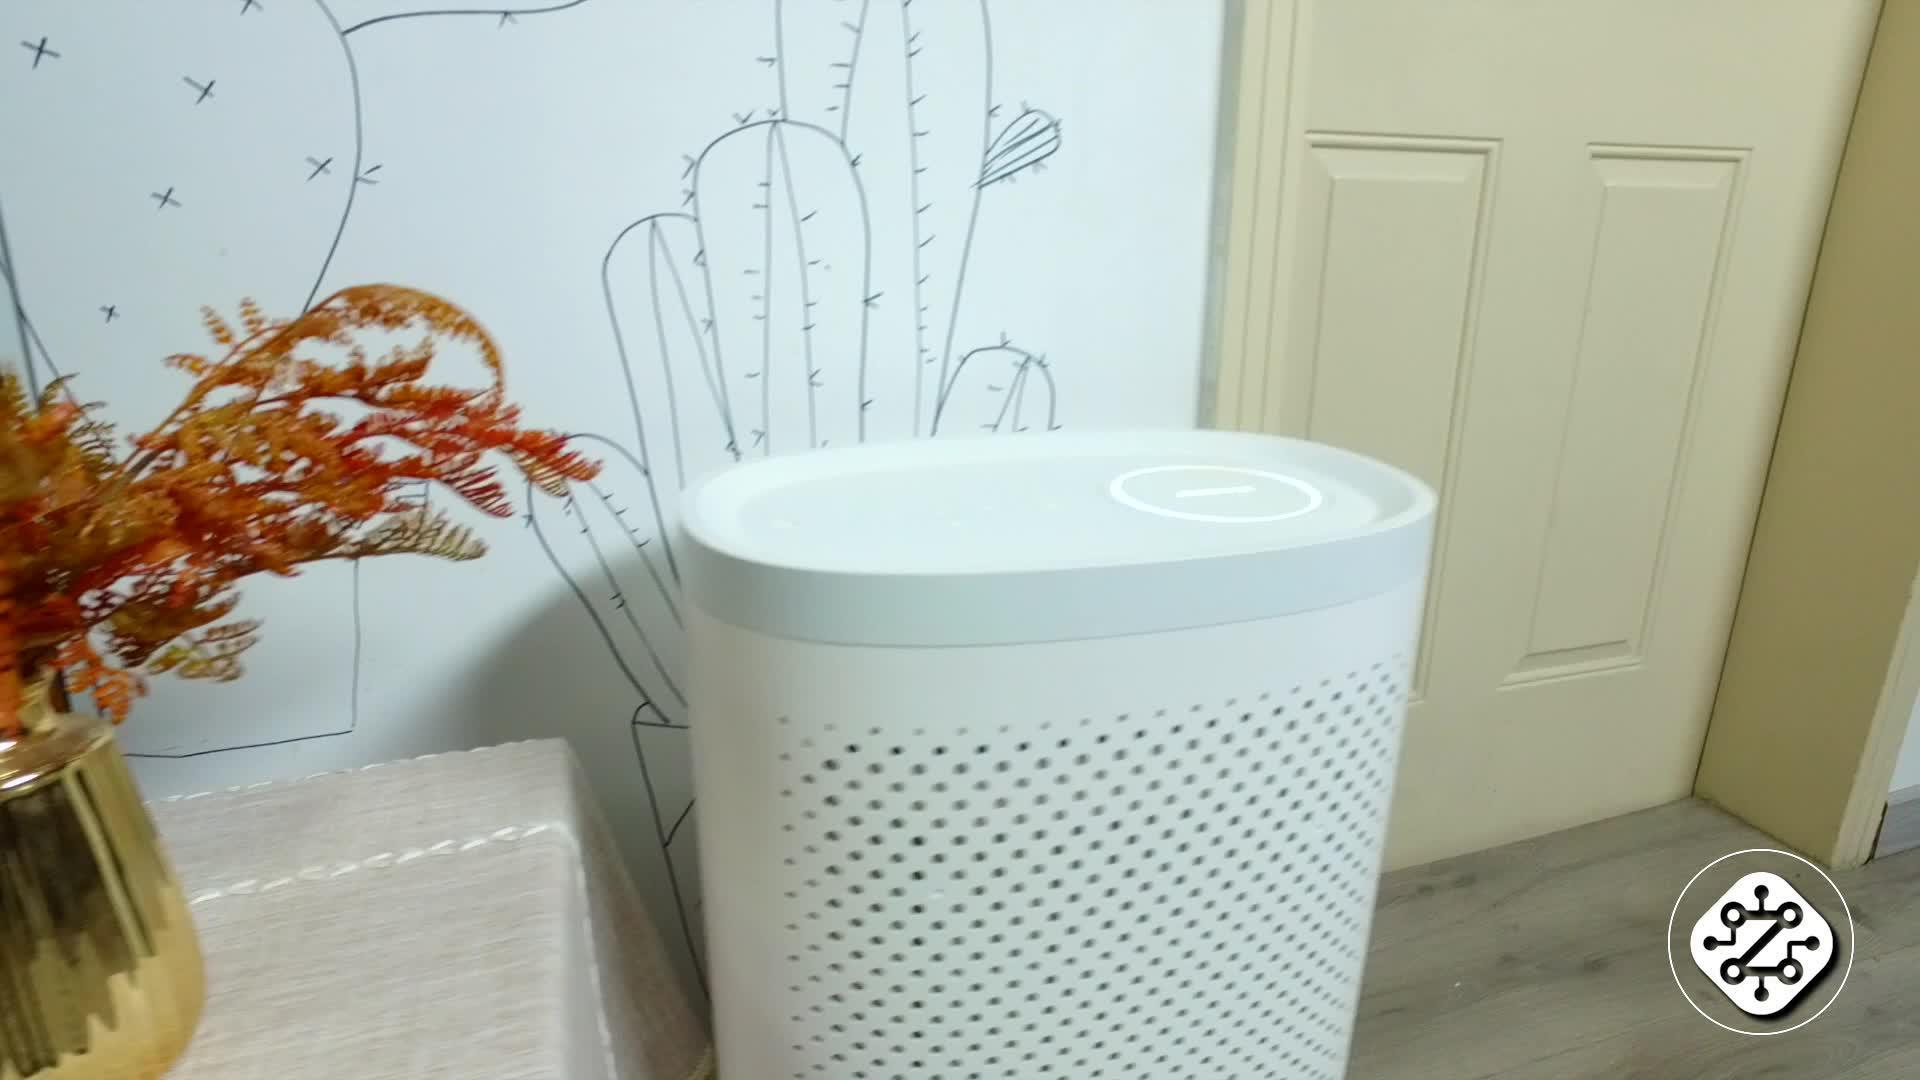 补水抗干神器 秒新AirWater加湿器打造纯净加湿享受